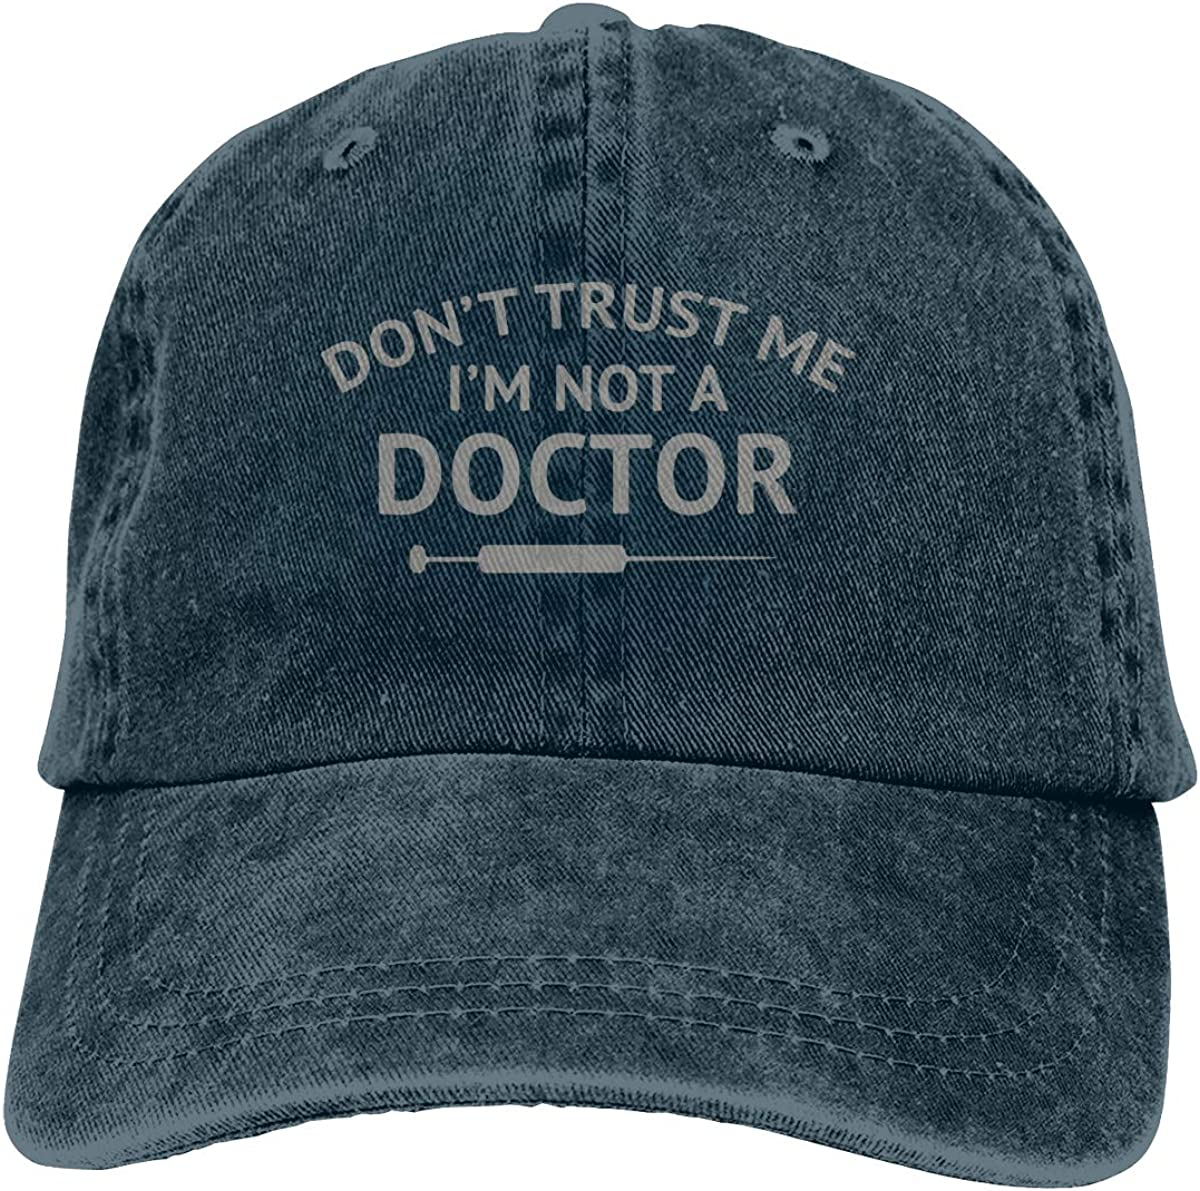 Im Not A Doctor Unisex Adult Vintage Washed Denim Baseball Cap Dont Trust Me